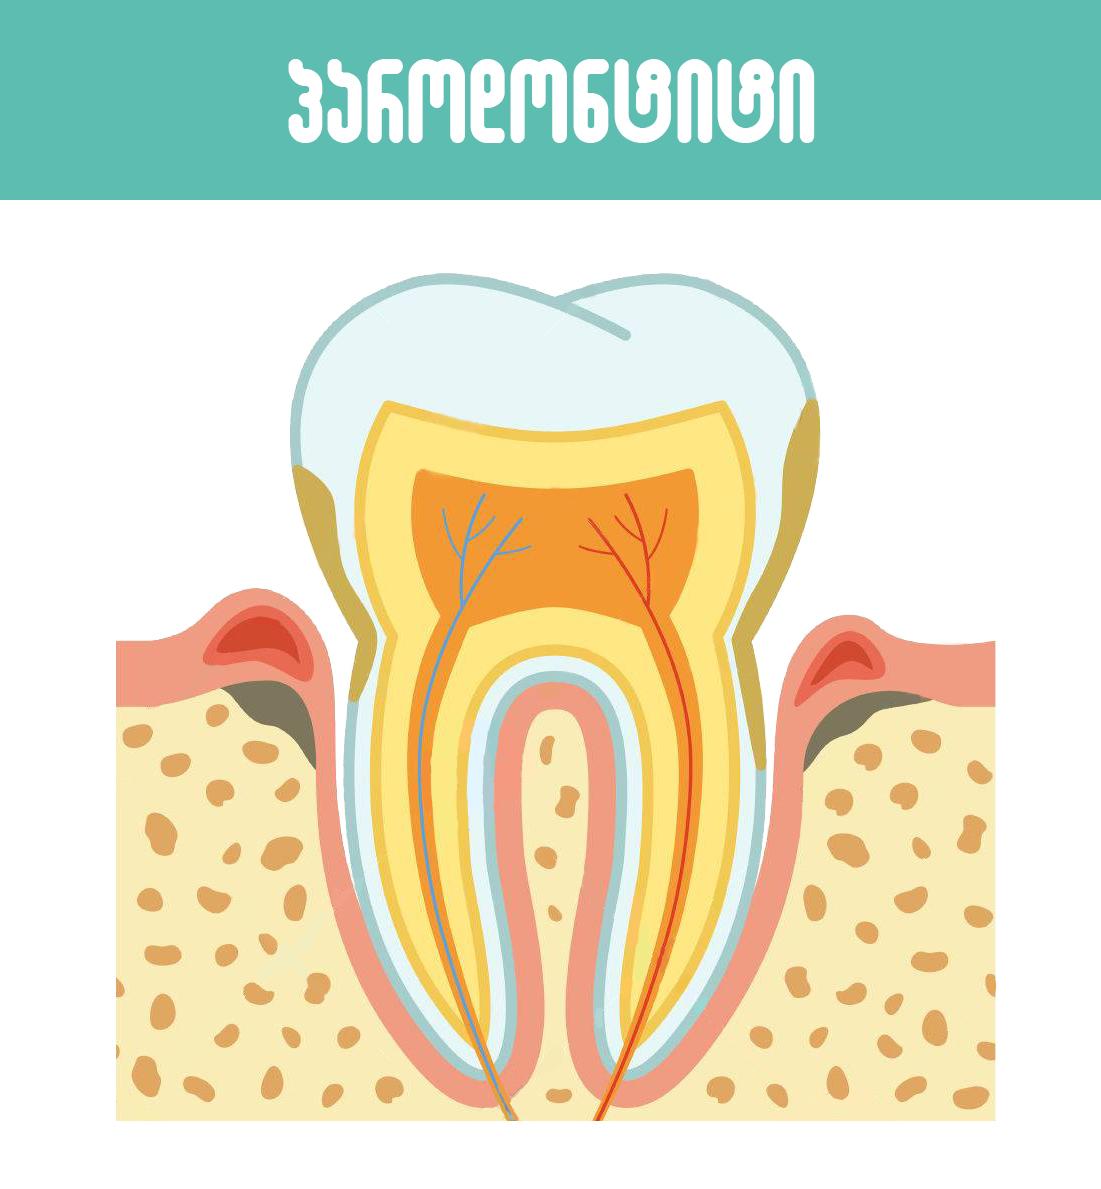 პაროდონტიტი,parodontiti,პაროდონტოლოგია